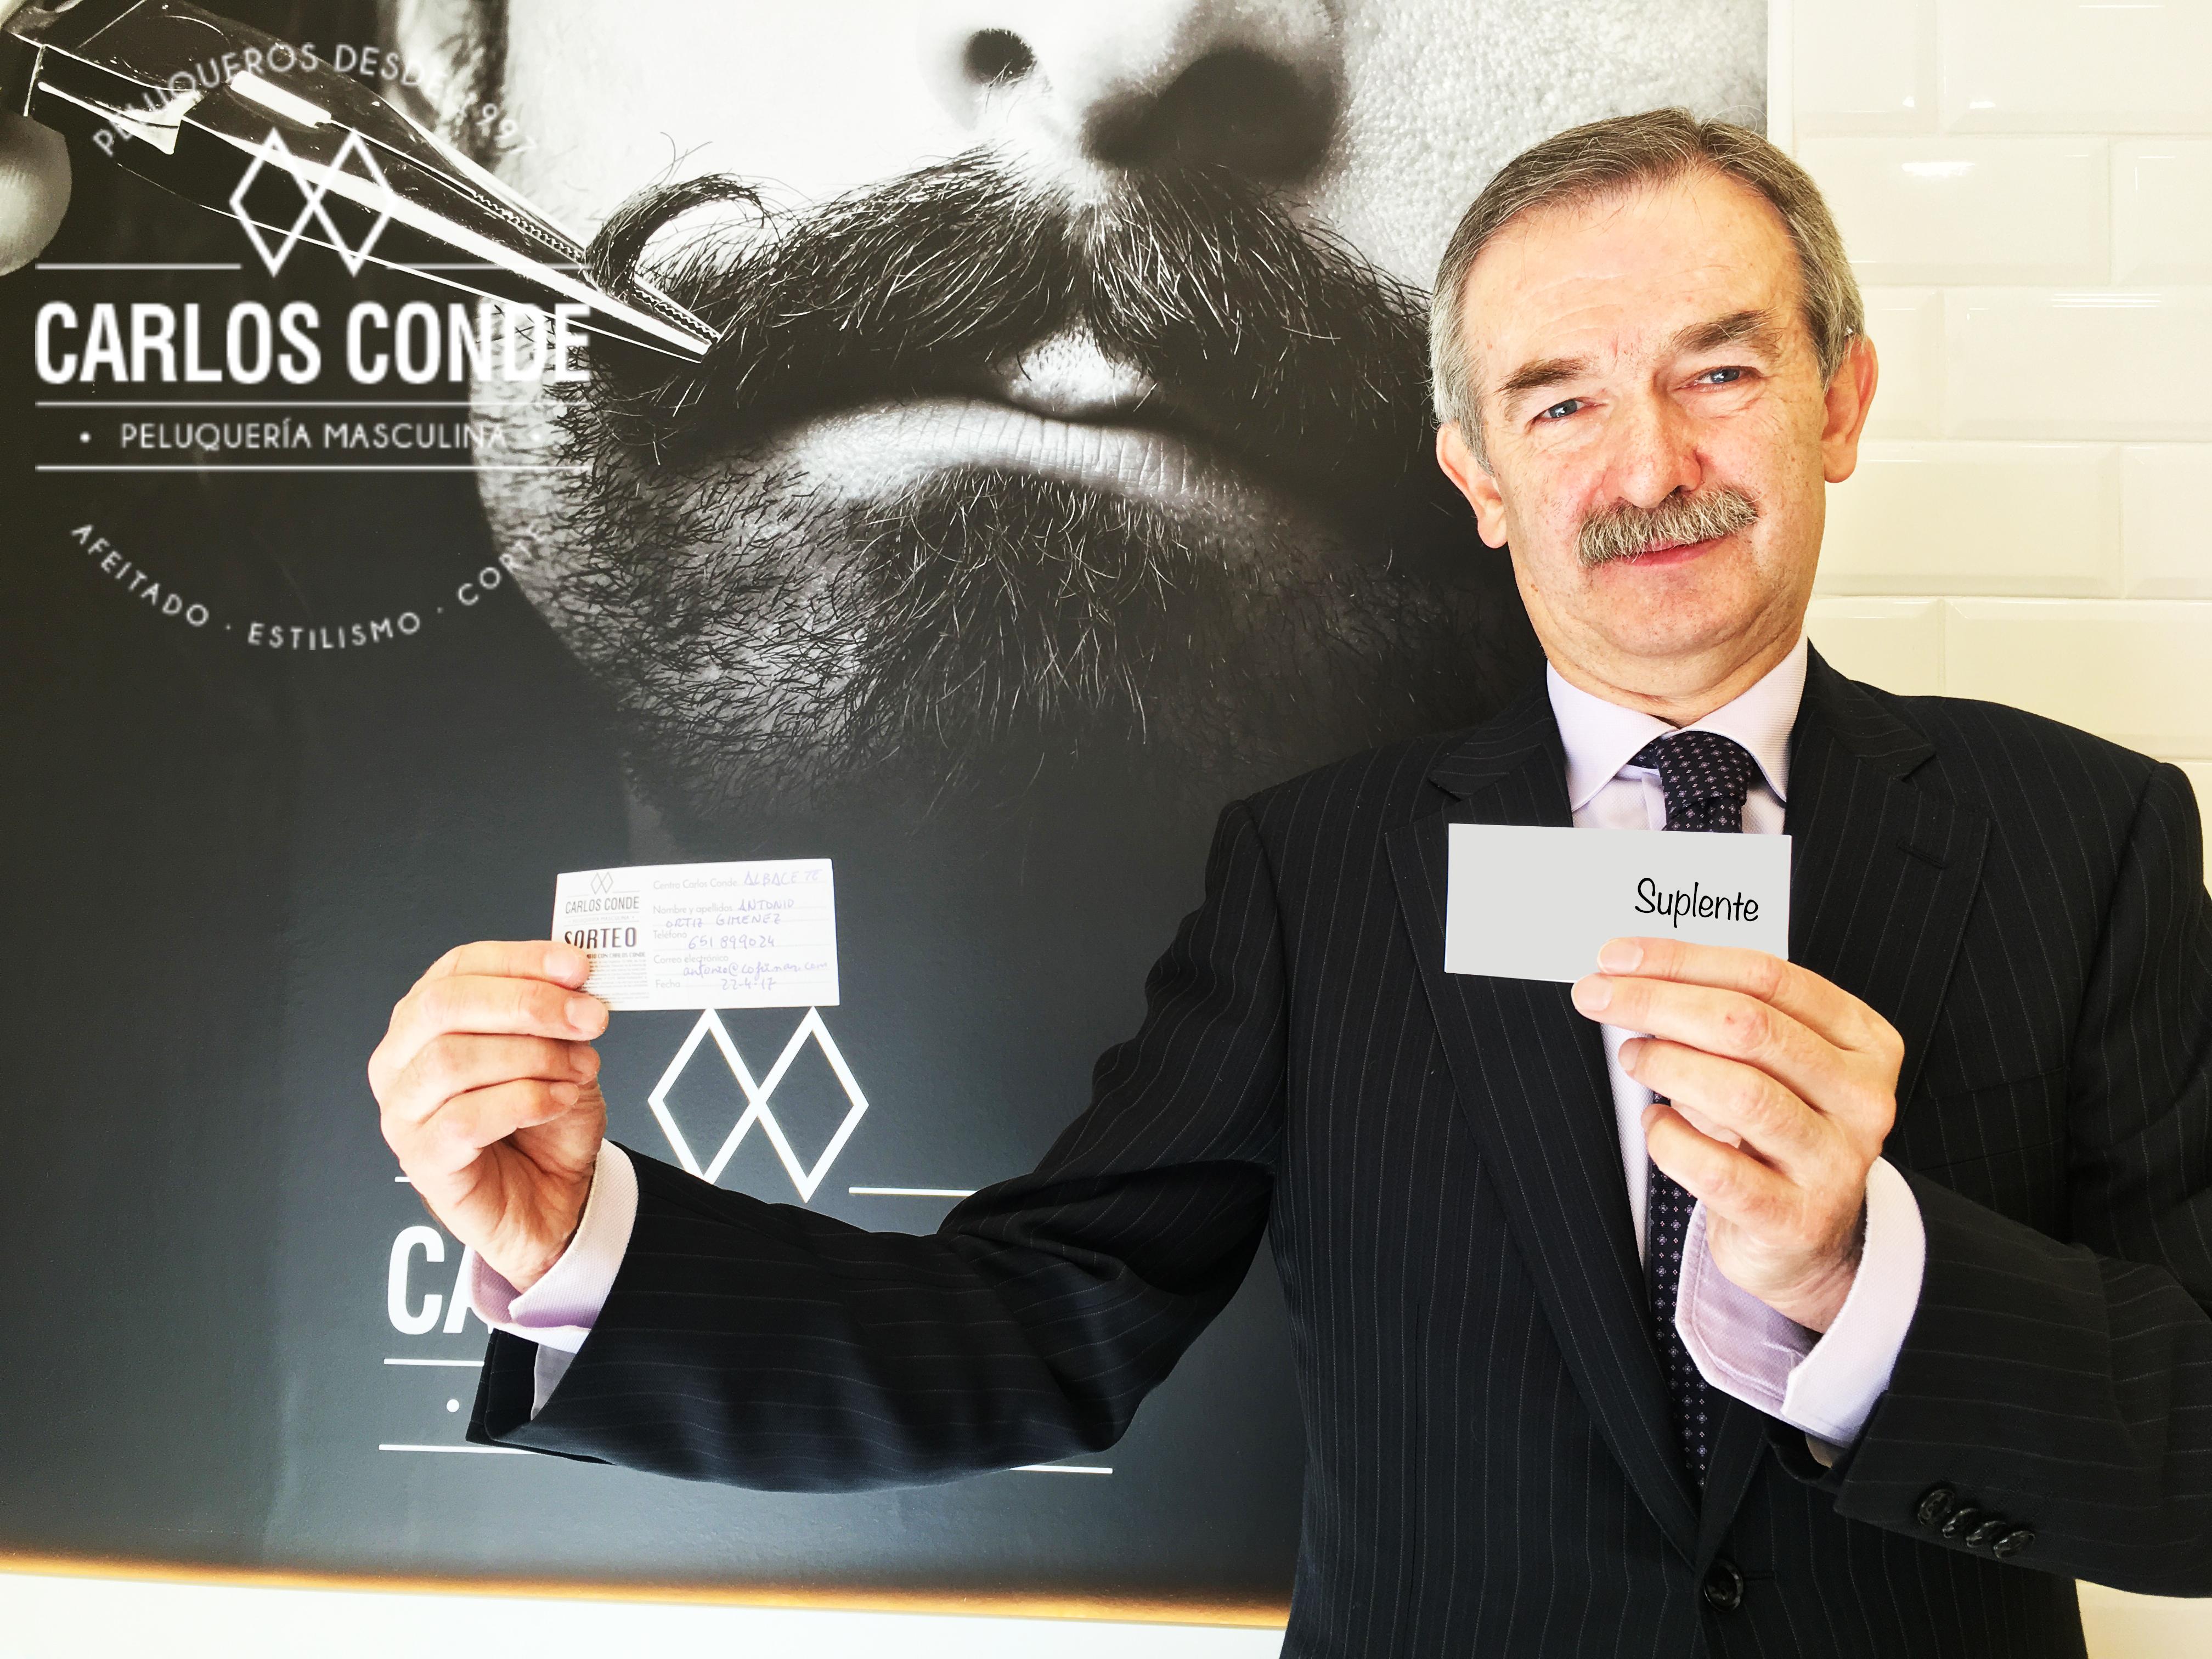 NOUS AVONS DÉJÀ UN GAGNANT De Notre Campagne Je Veux Un Changement Avec Carlos Conde!